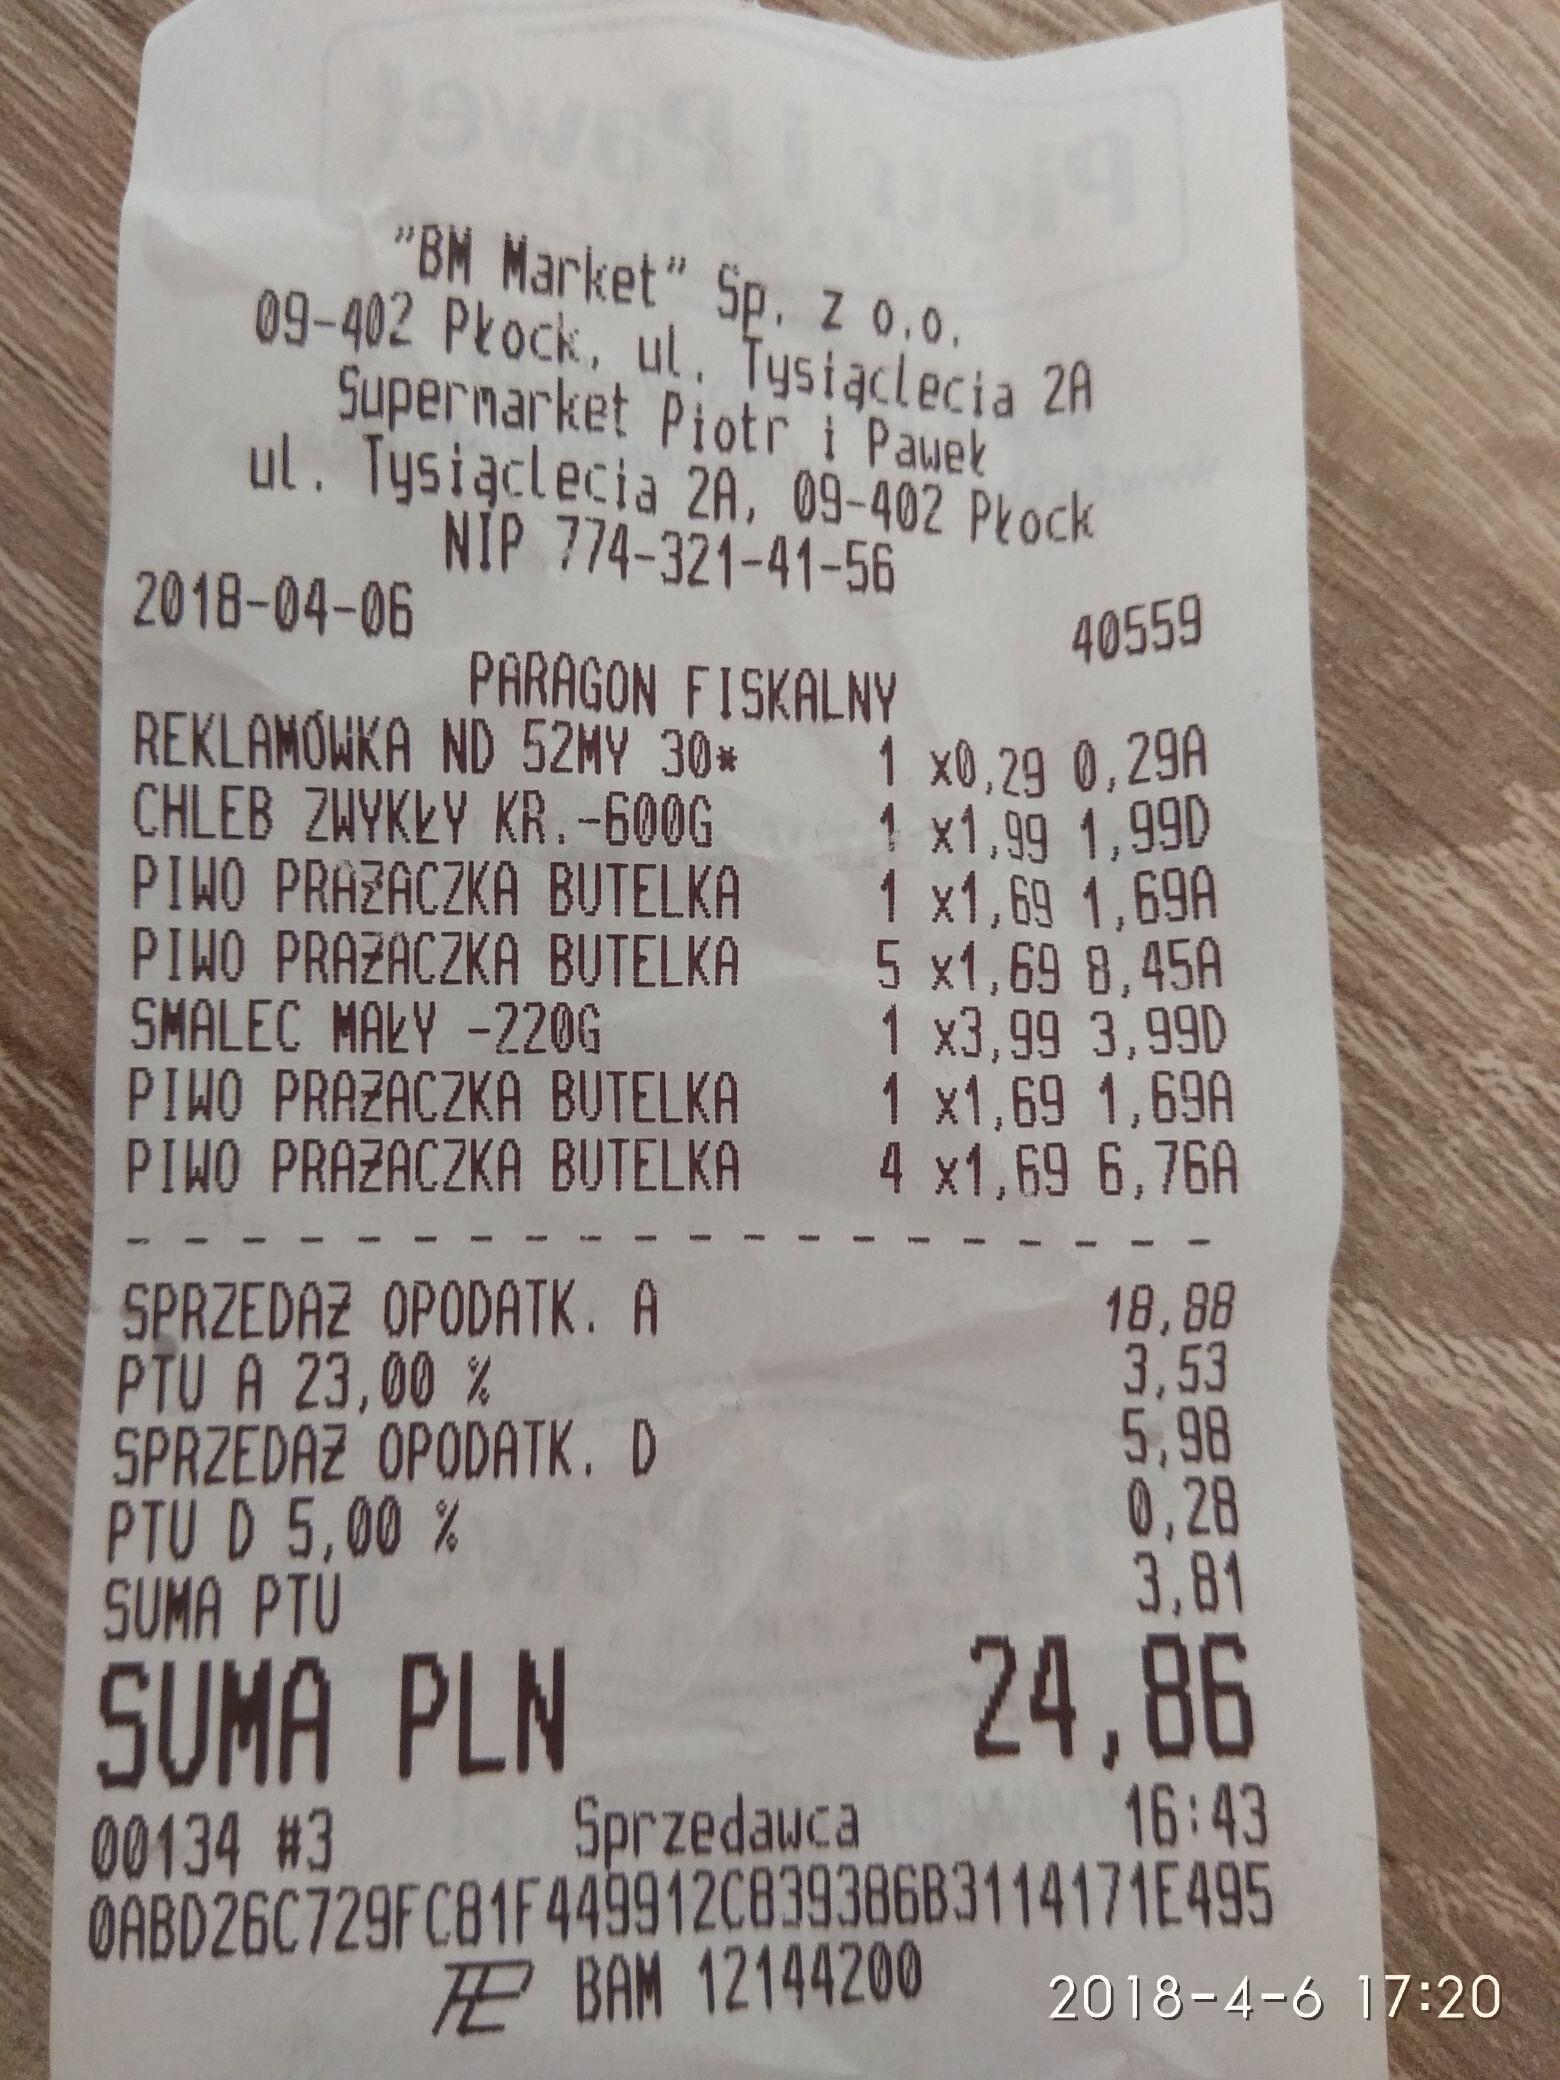 Piwo Prazacka za 1.69 w Piotr i Paweł